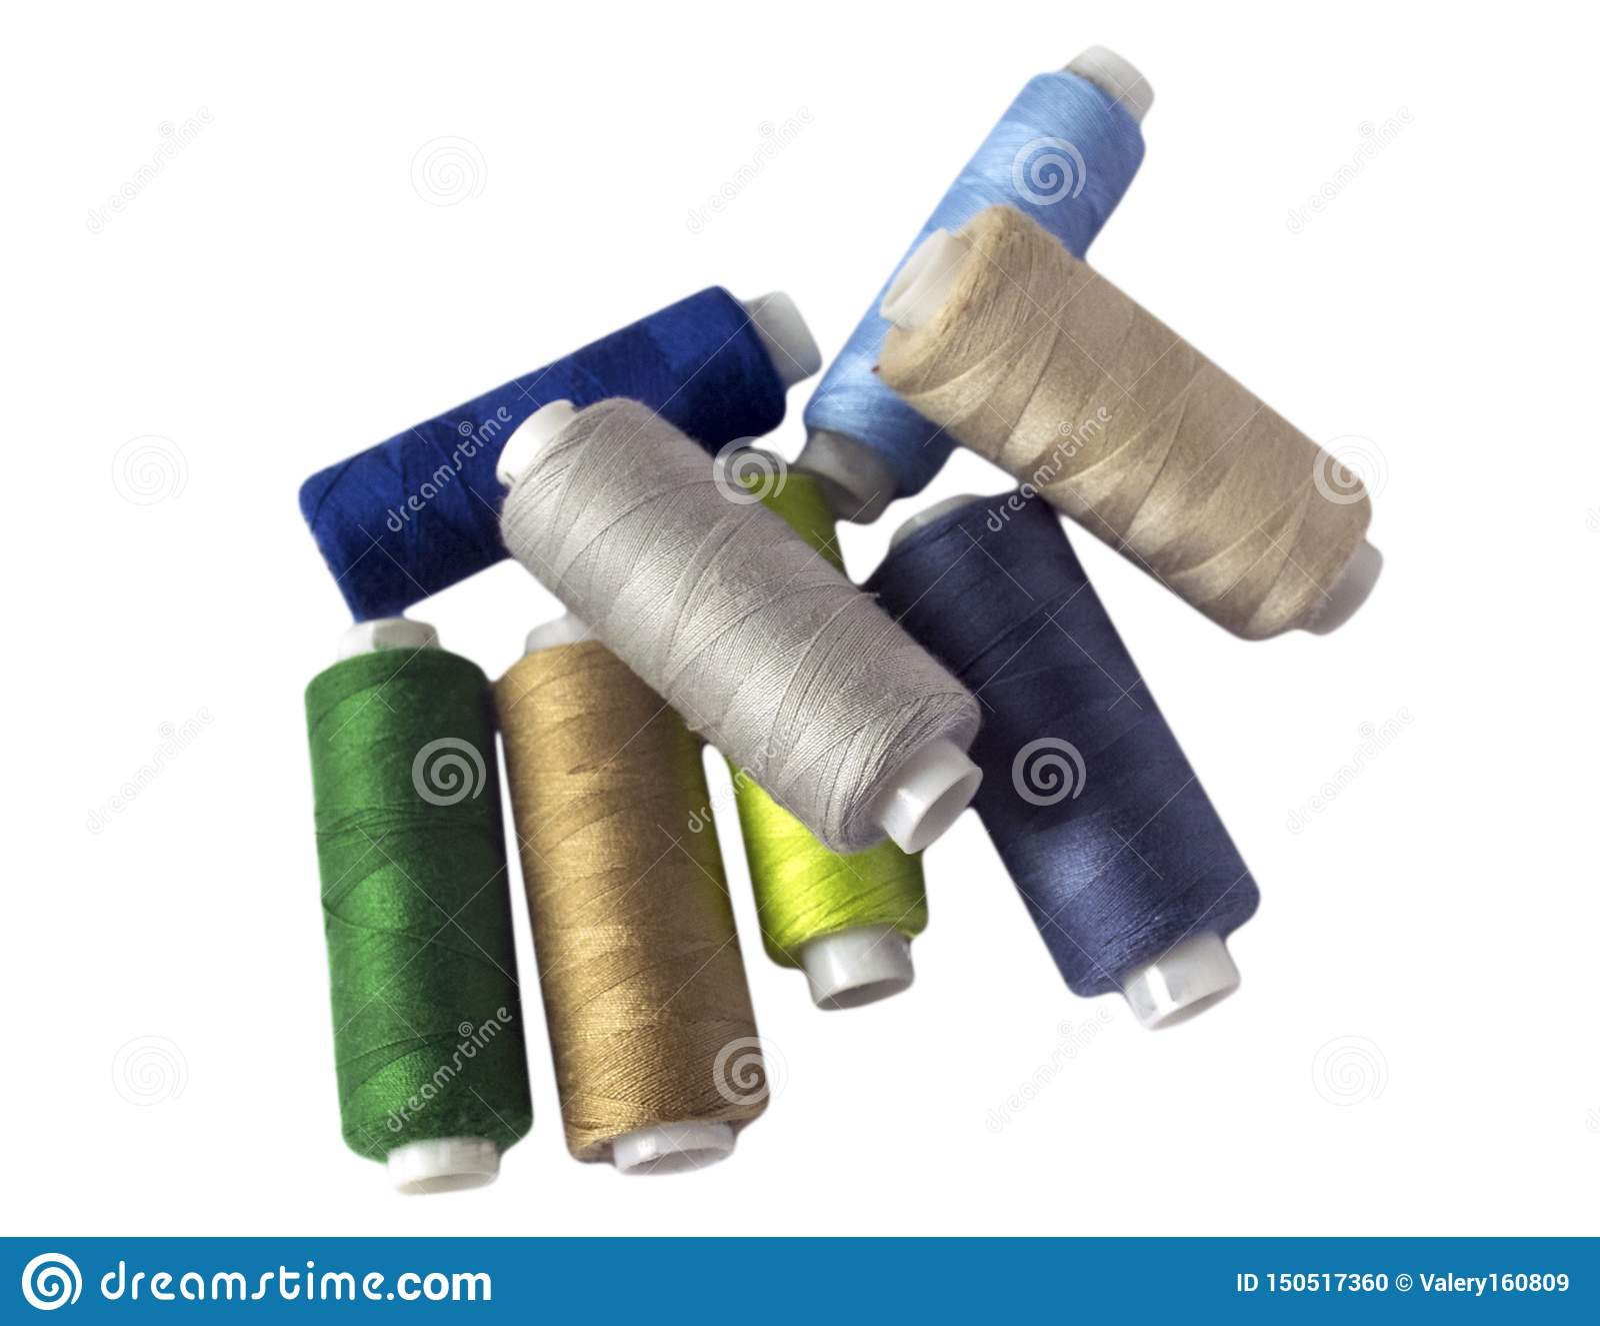 εργαλεία για το ράψιμο και τη ραπτική χόμπι πολύχρωμο ράβοντας νήμα